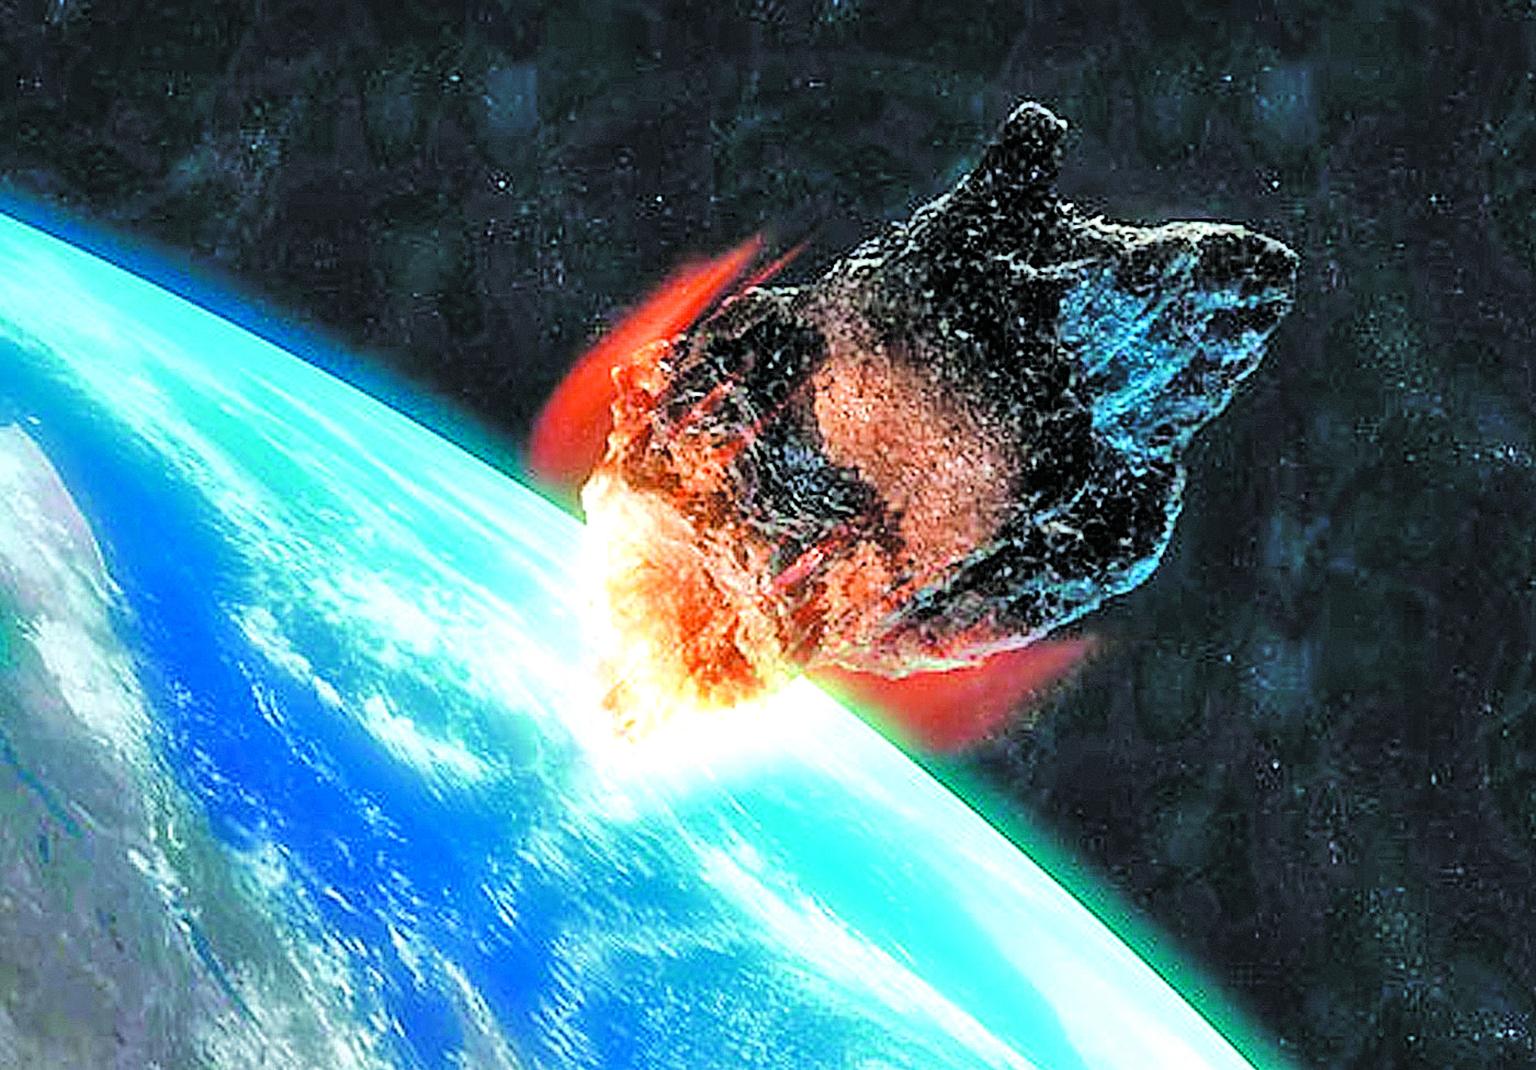 每天都有許多很小的天體進入地球大氣層,燃燒之後形成流星。如果大點的小行星撞擊,很可能就是人類文明的終結。(Getty Images)